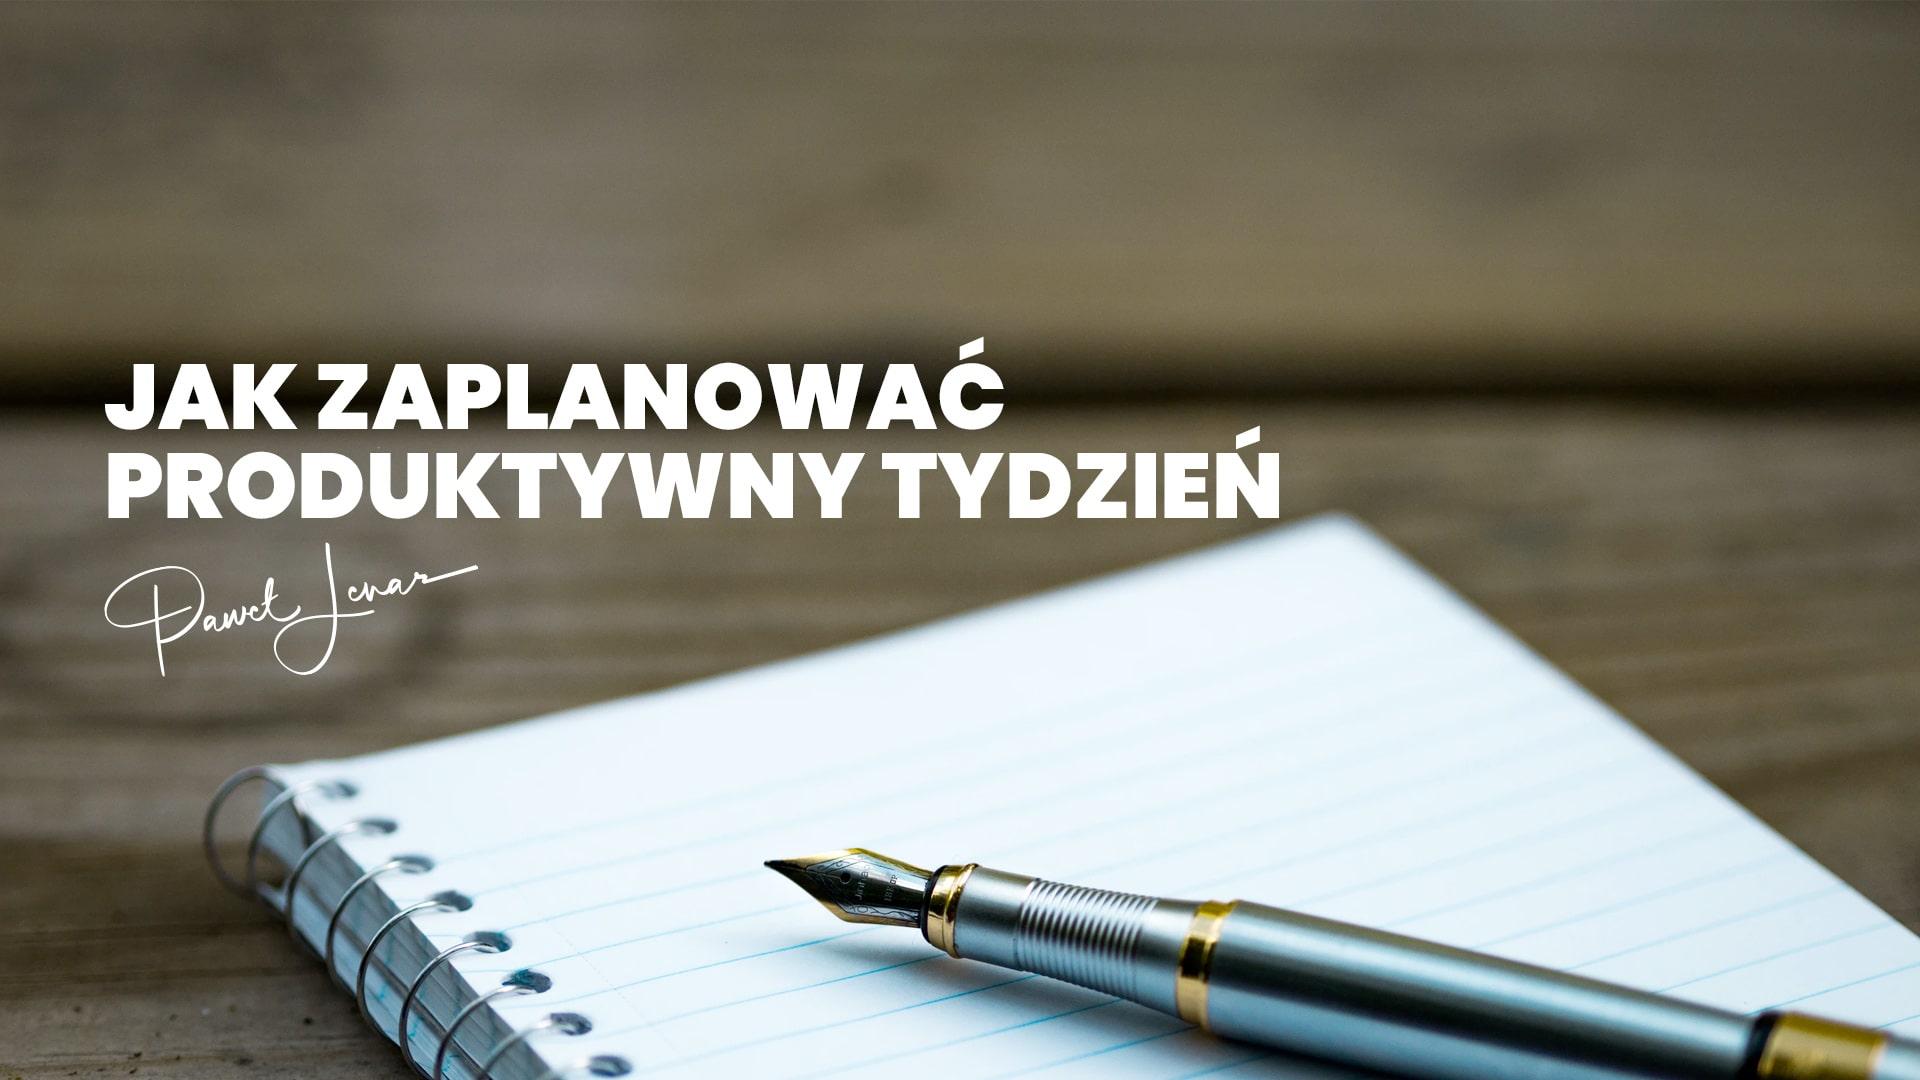 Jak zaplanować produktywny tydzień - Paweł Lenar Blog